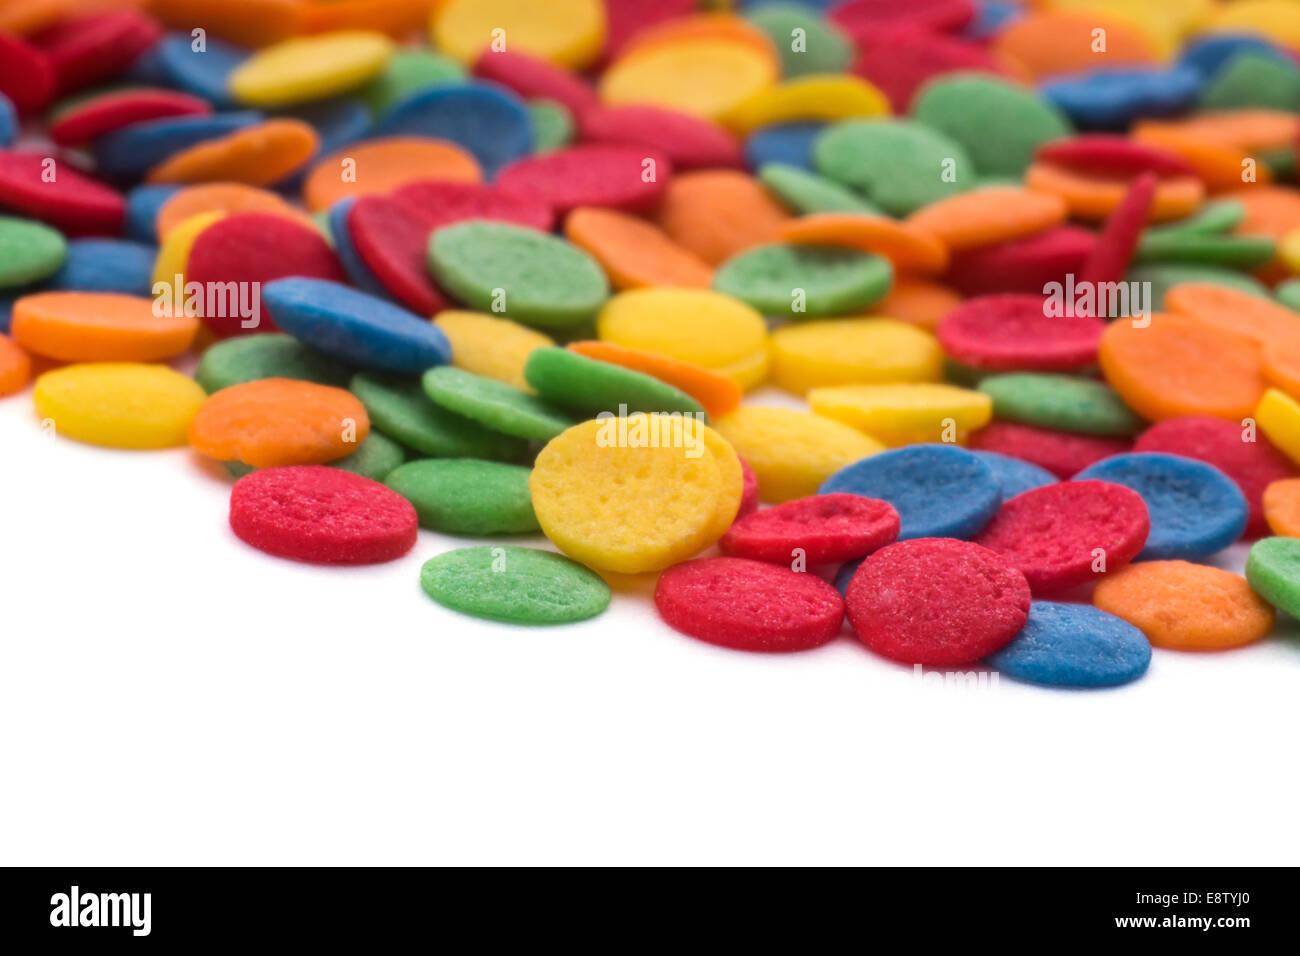 Caramelle colorate coriandoli sullo sfondo bianco Immagini Stock